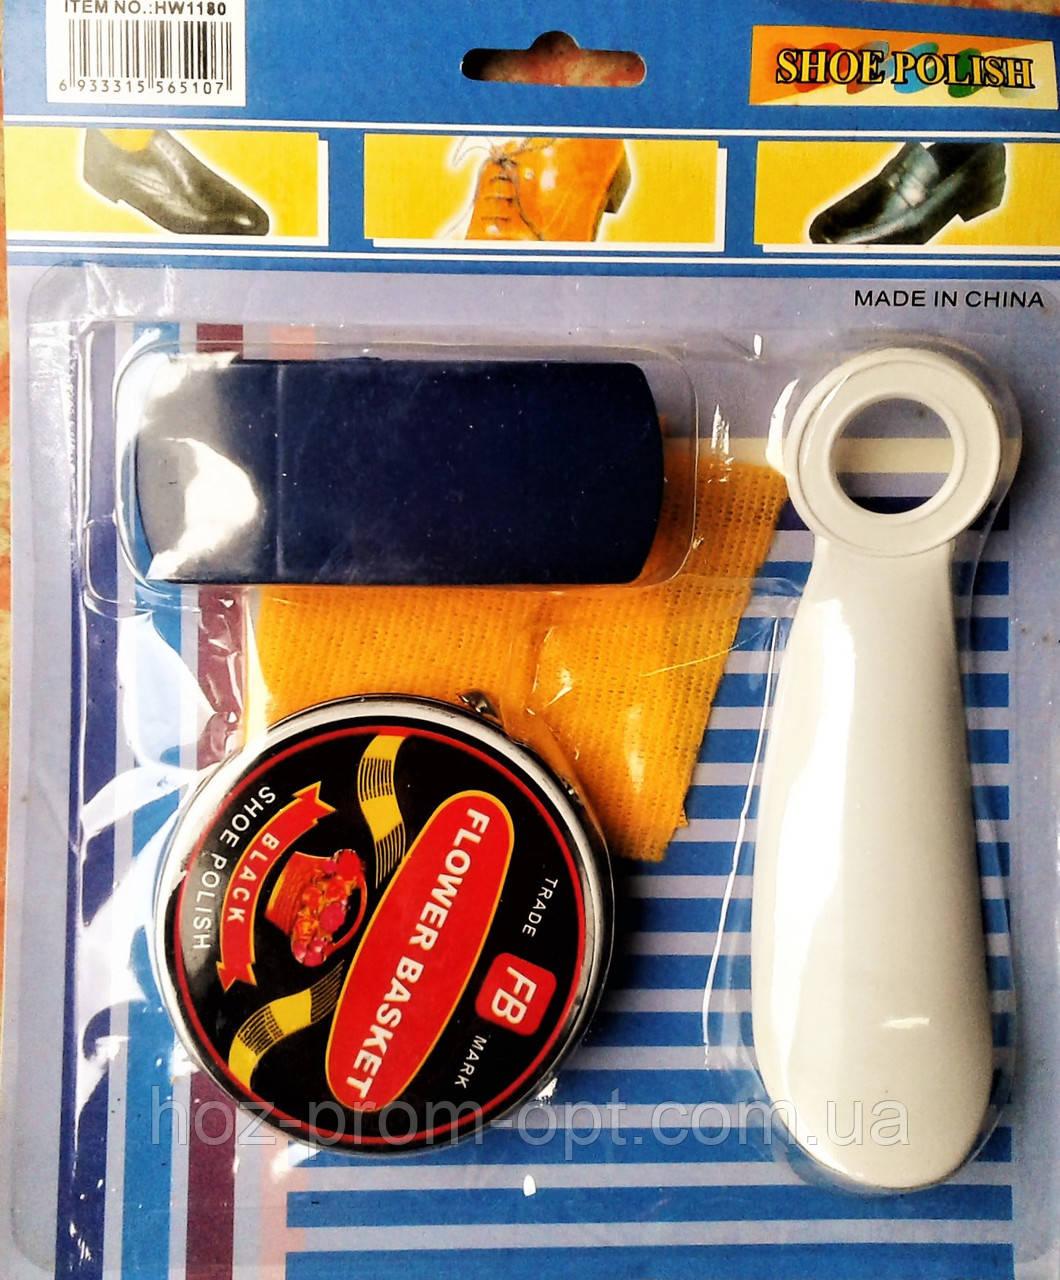 Набір для догляду за взуттям: Крем для взуття, ложка, щітка, ганчірка.